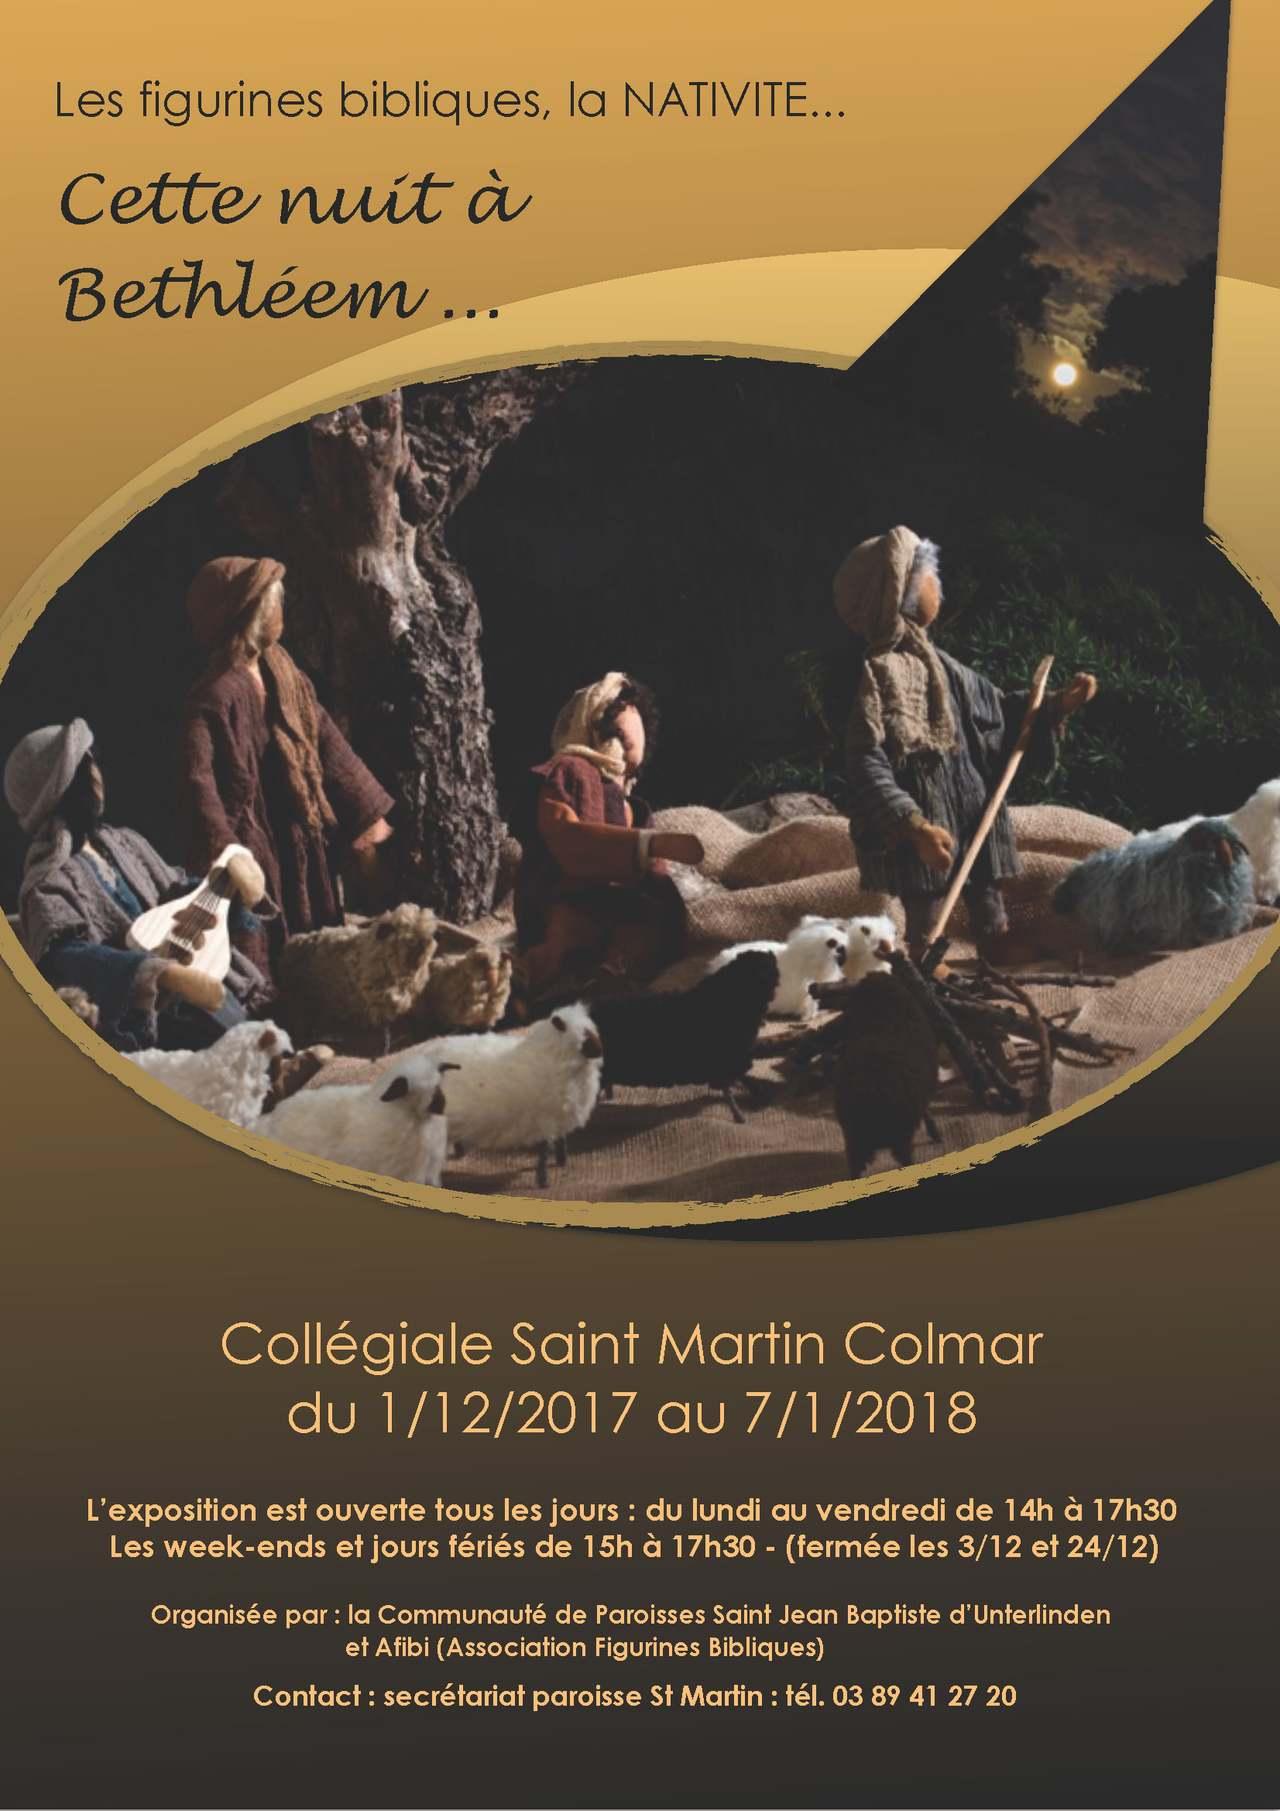 Exposition biblique: Cette nuit à Bethléem, jusqu'au 7 janvier à Colmar (68)